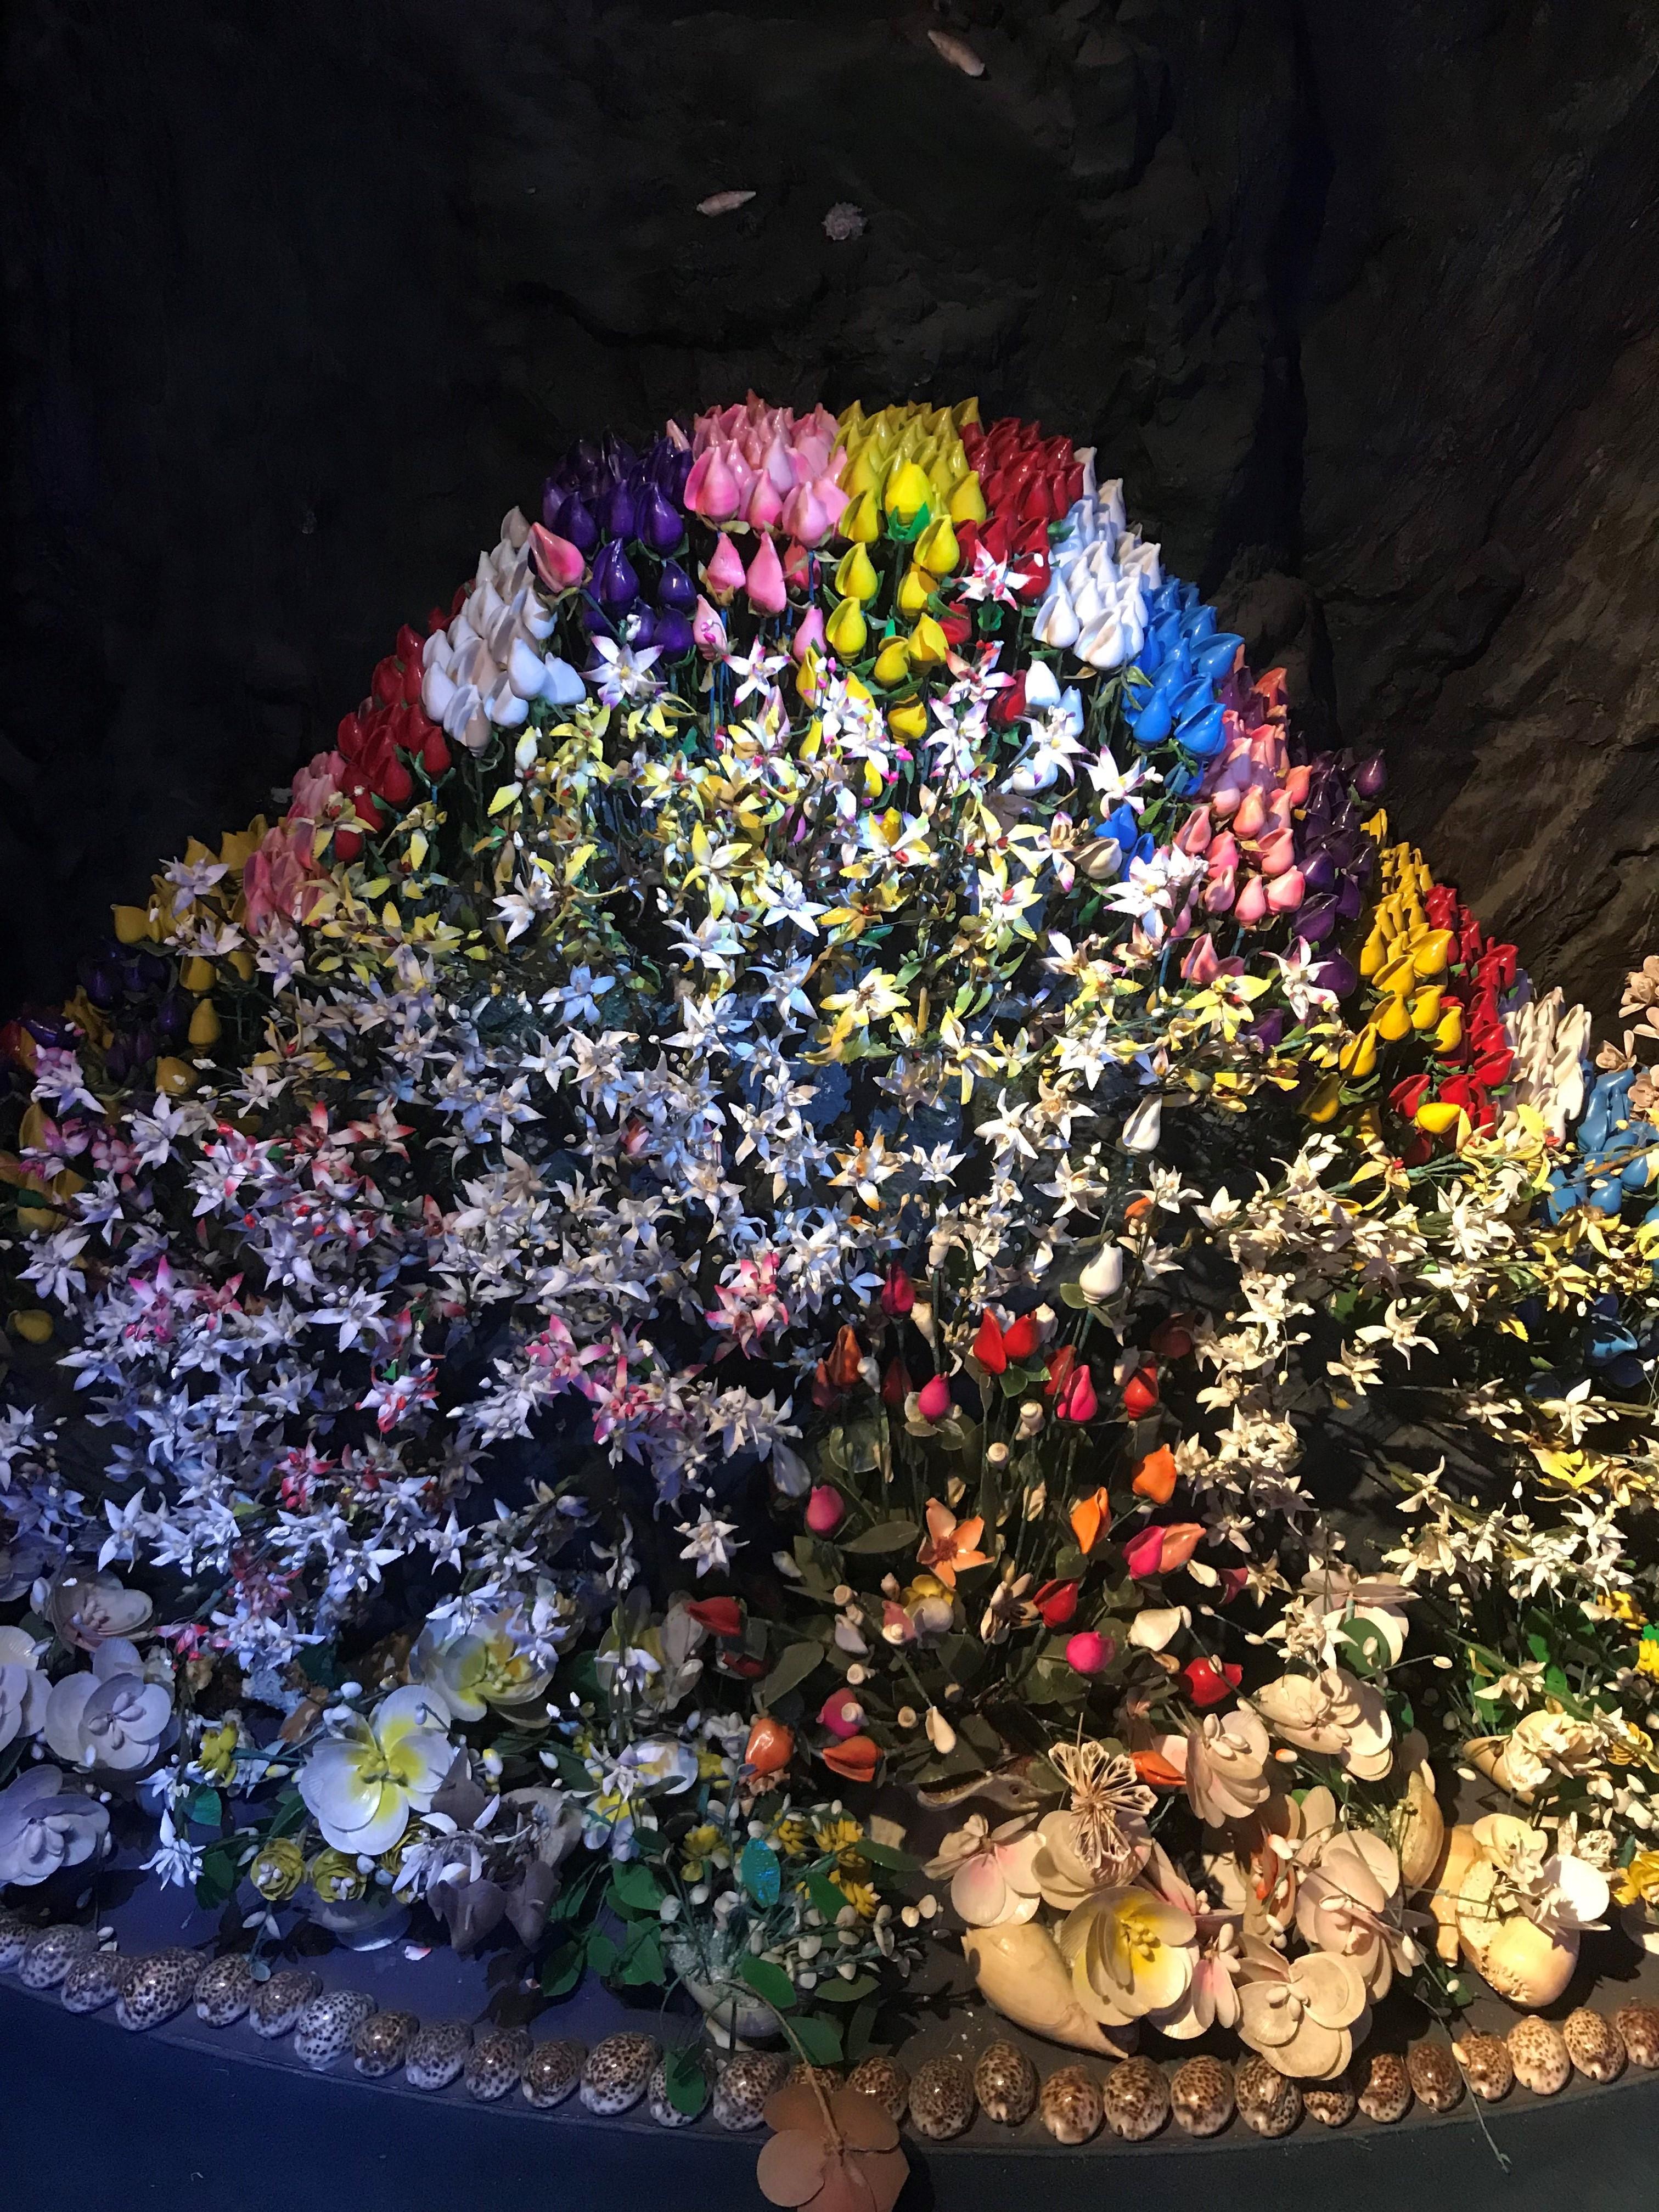 竹島ファンタジー館の貝殻で作ったカラフルなお花たちや展示物